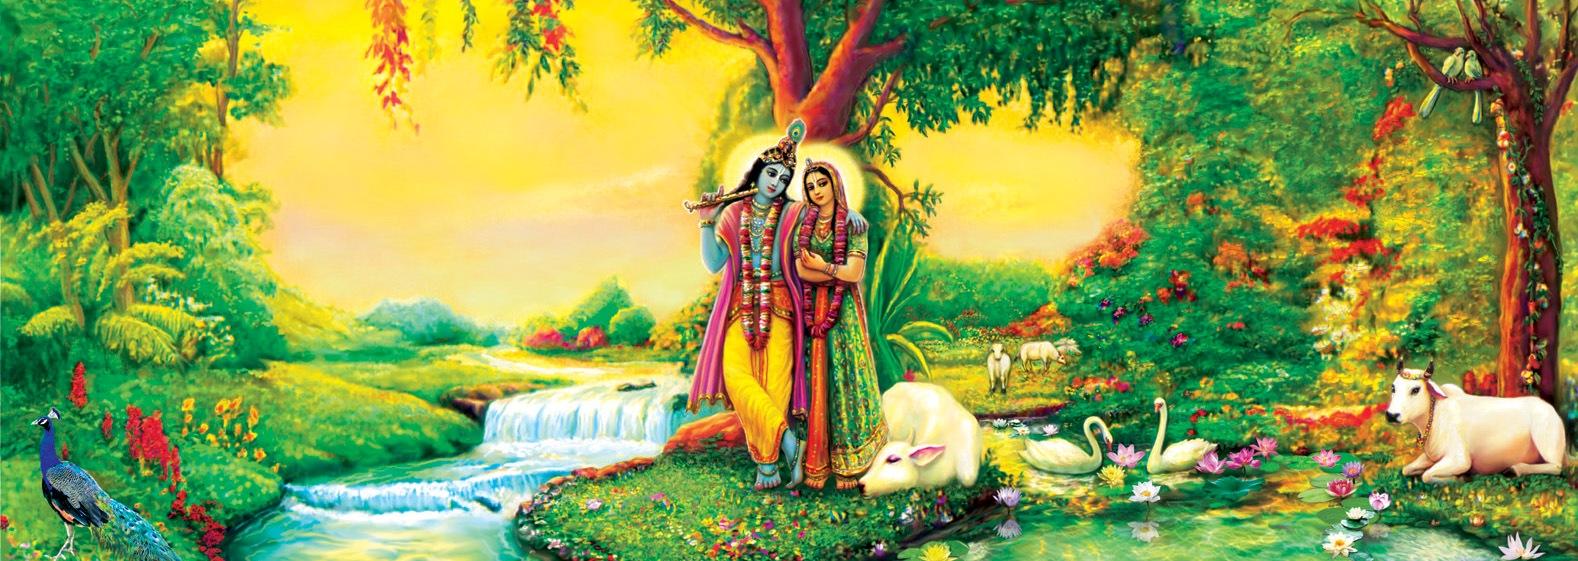 radha-and-krishna-the-spiritual-world